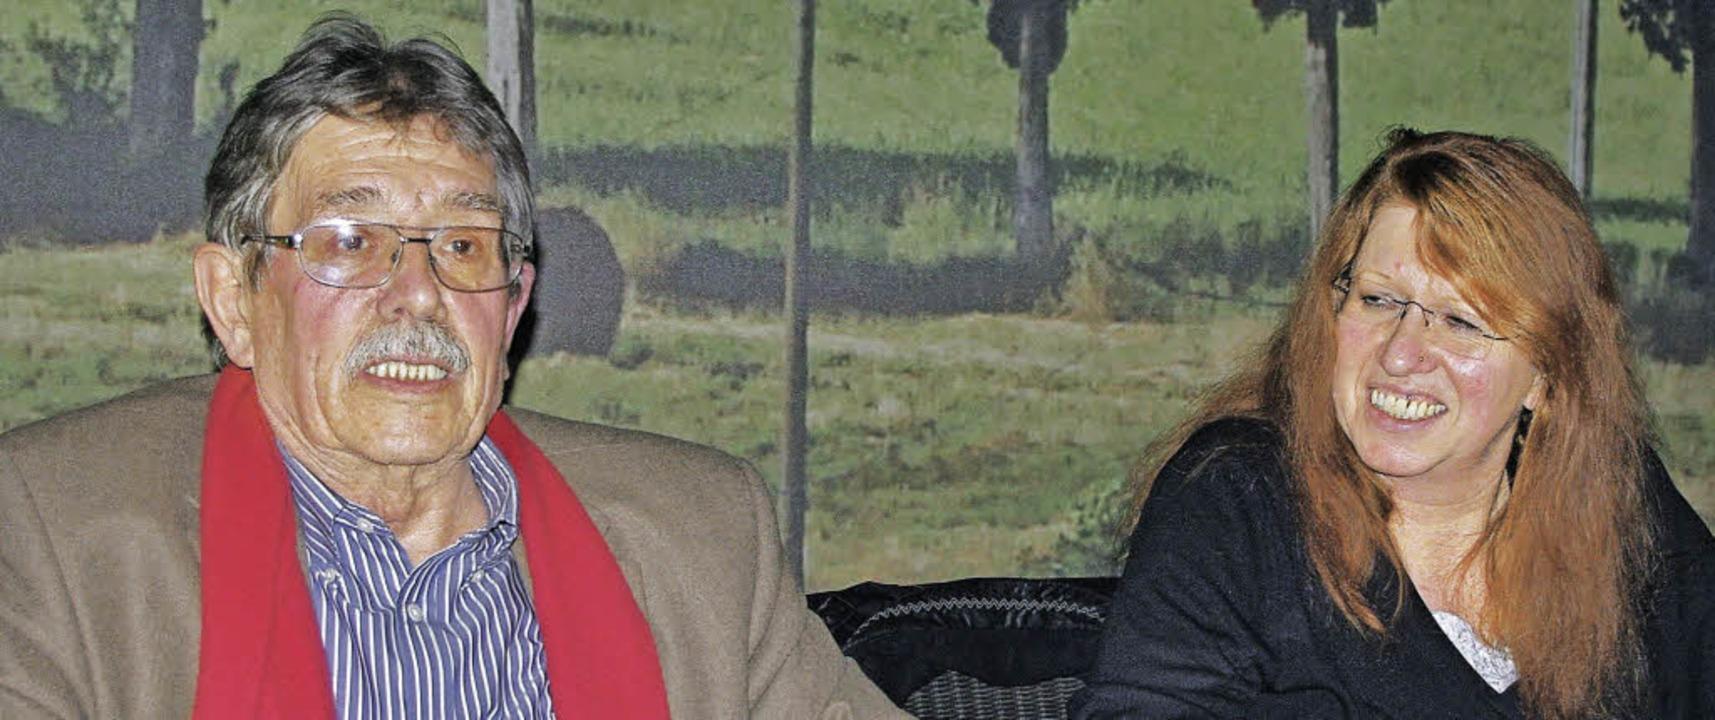 Der Vorstand des SPD-Ortsvereins redet...eles: Robert Blum und Marianne Müller   | Foto: Rolf Reissmann